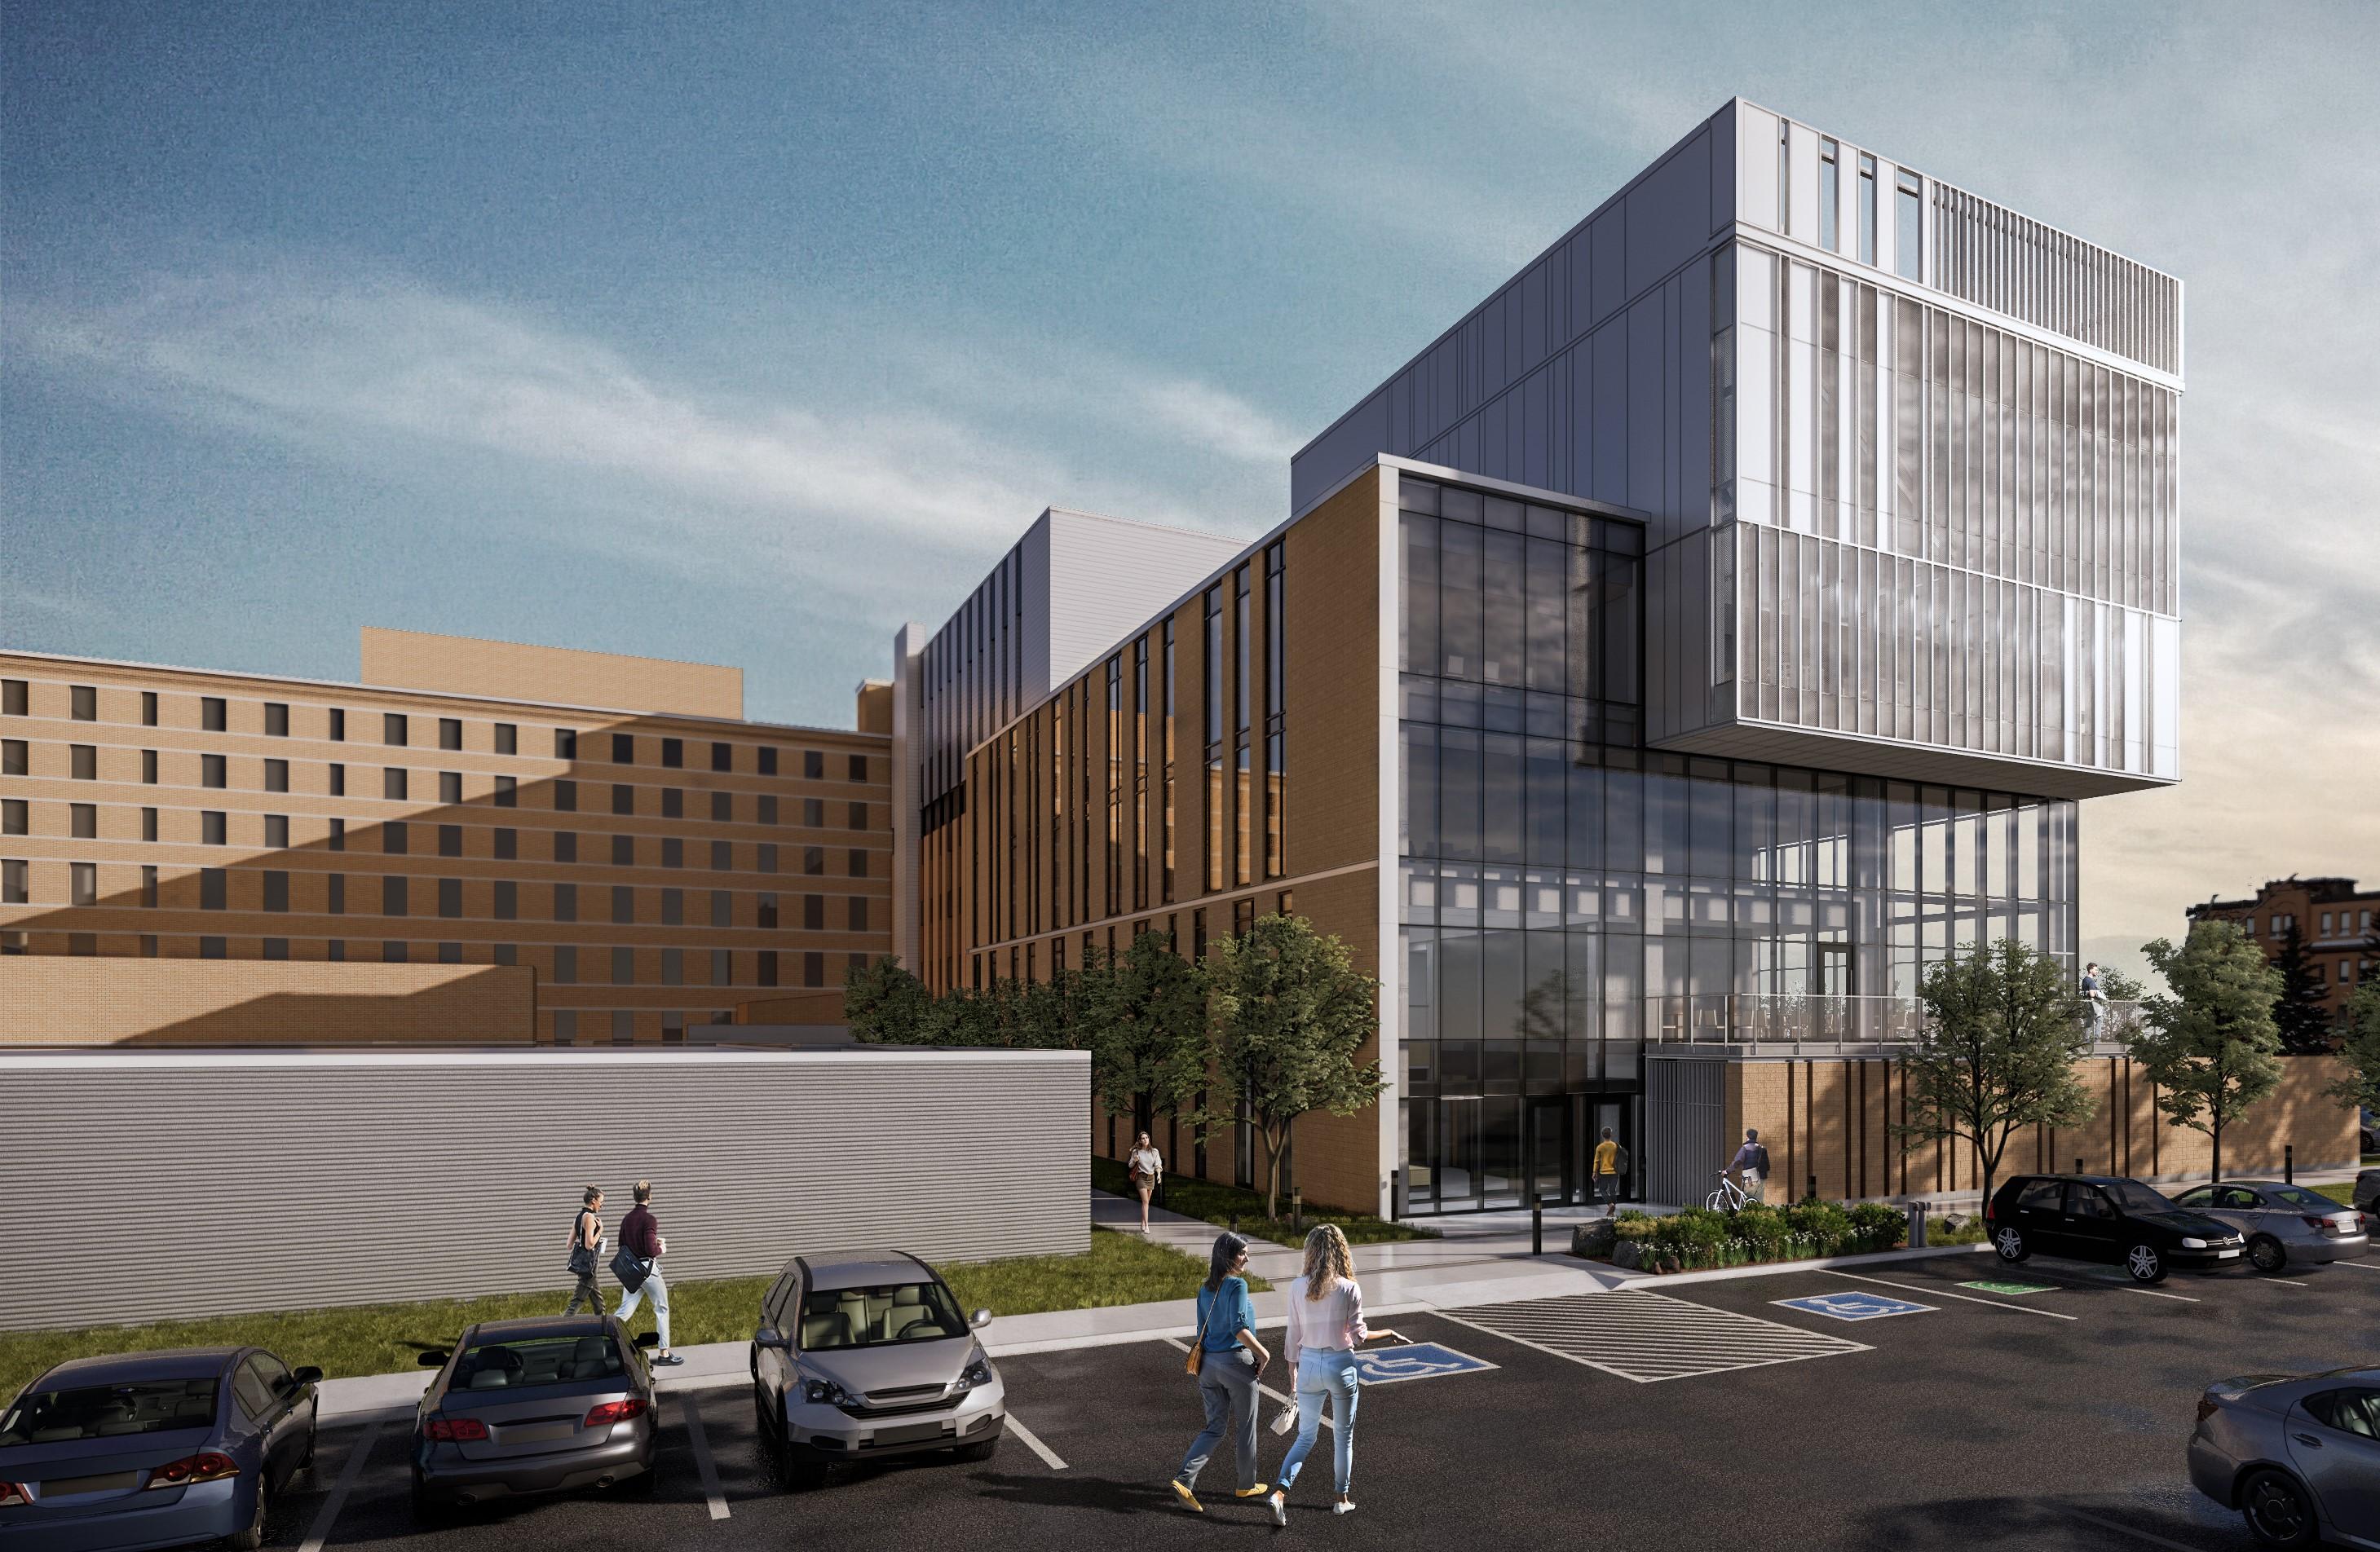 Pavillon d'enseignement préclinique de la Faculté de médecine de l'Université Laval sur le site du Centre hospitalier régional de Rimouski.